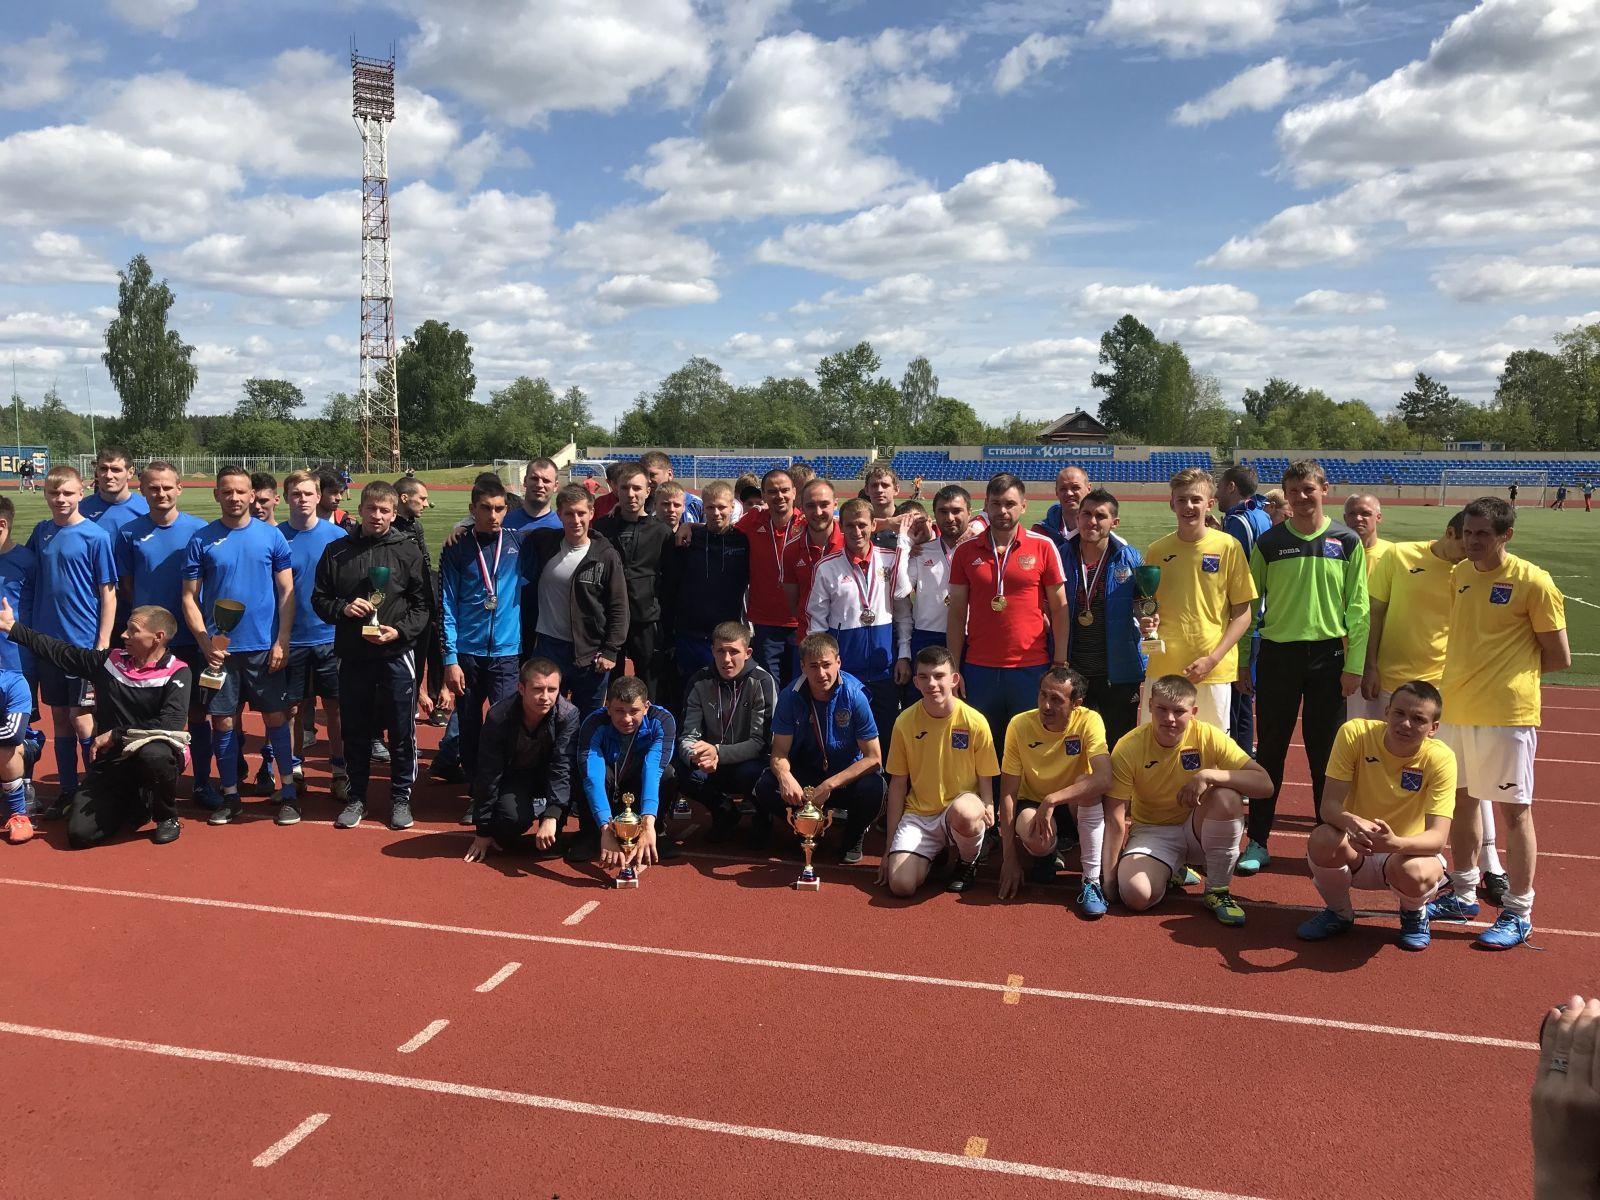 Подмосковная команда Лев Черной-Олимпия выиграла чемпионат России по футболу 7х7 спорта лиц с заболеванием ЦП